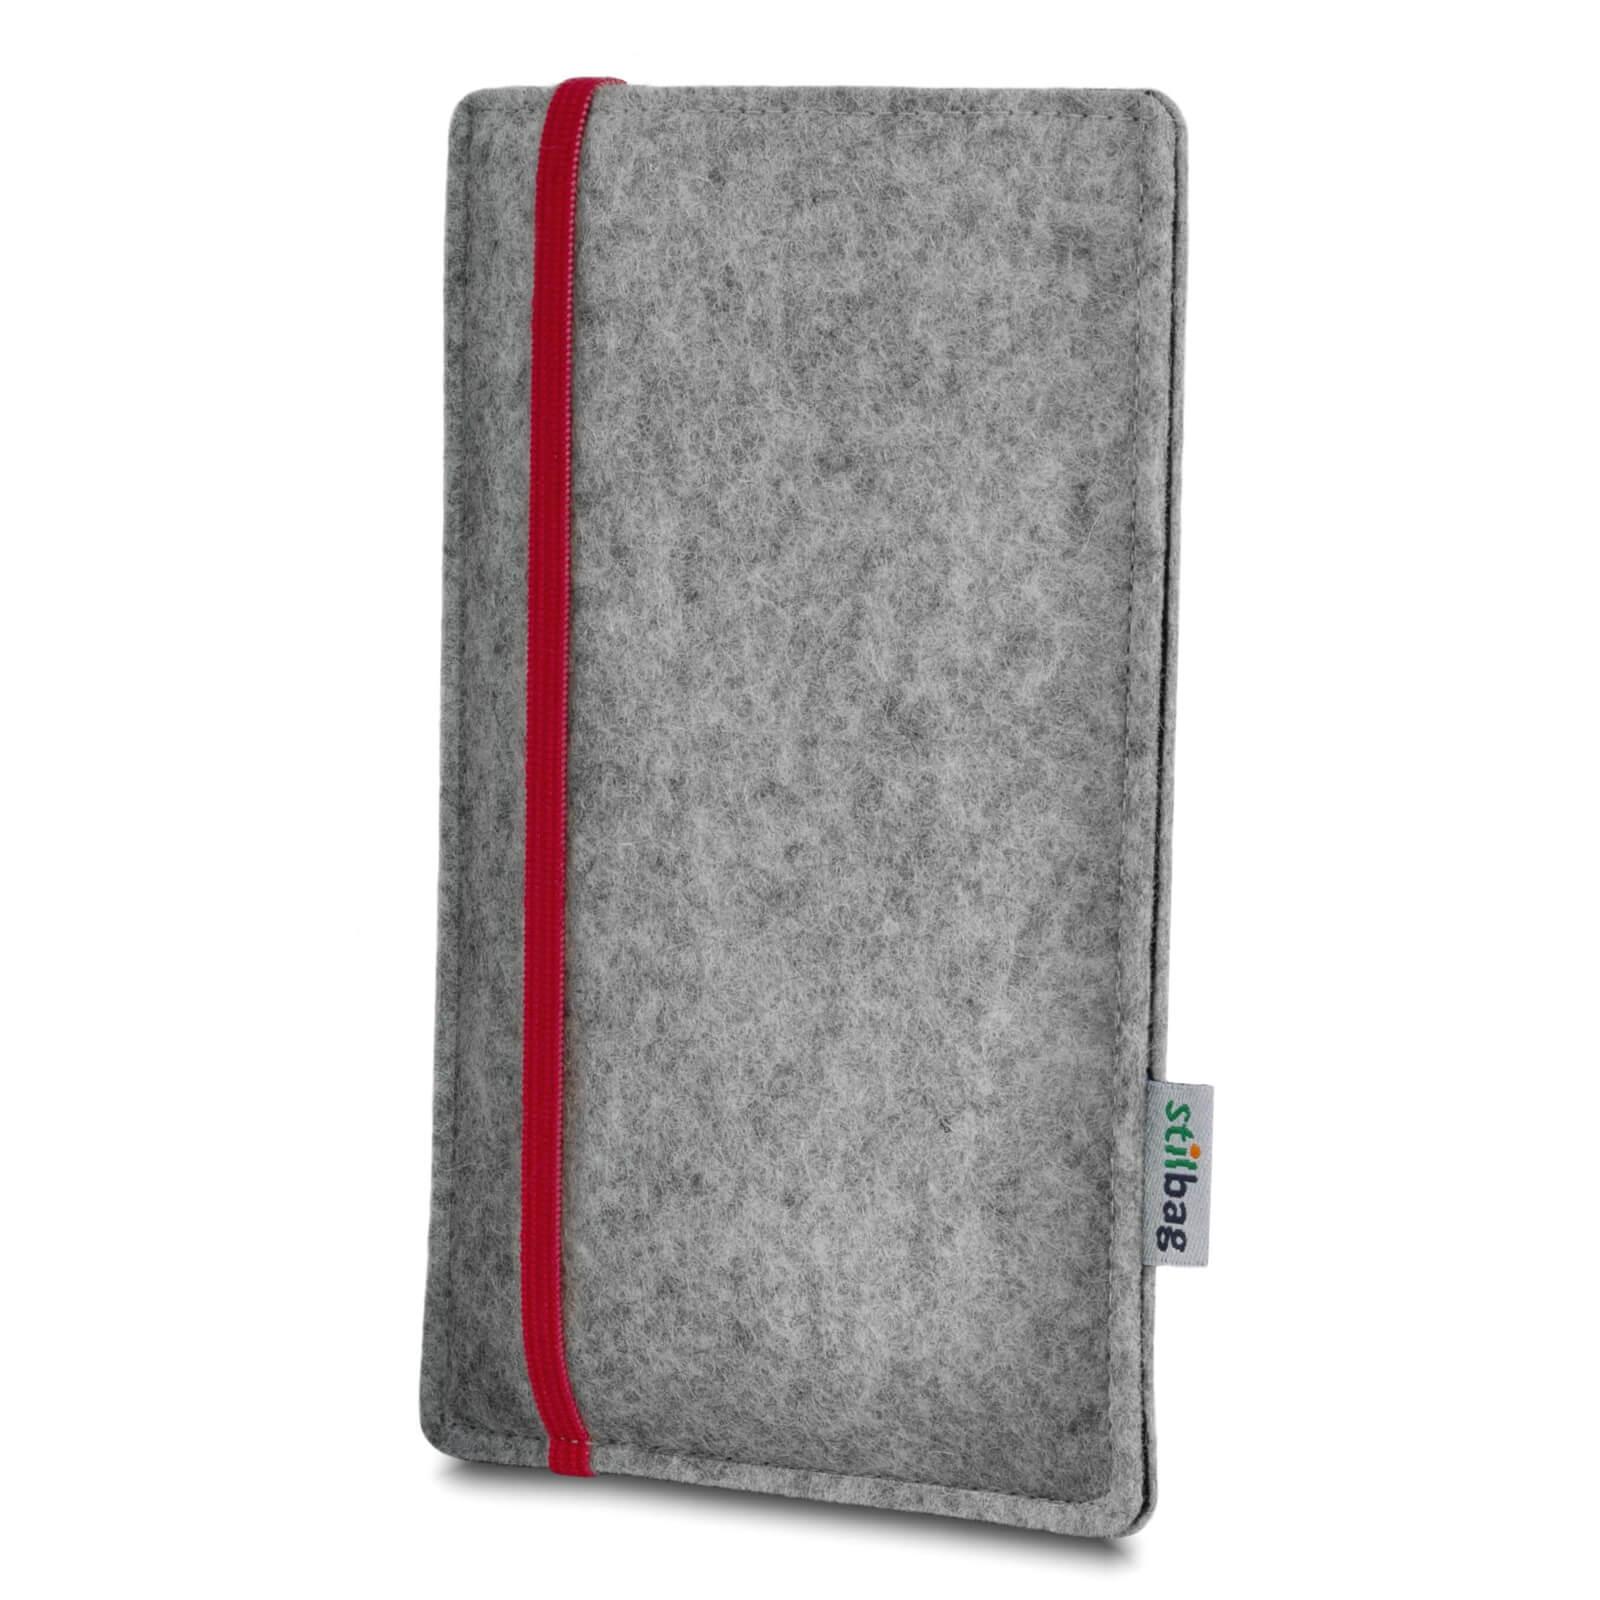 Stilbag-Feutre-Housse-mobile-Pochette-Etui-LEON-HTC-One-M7-gris